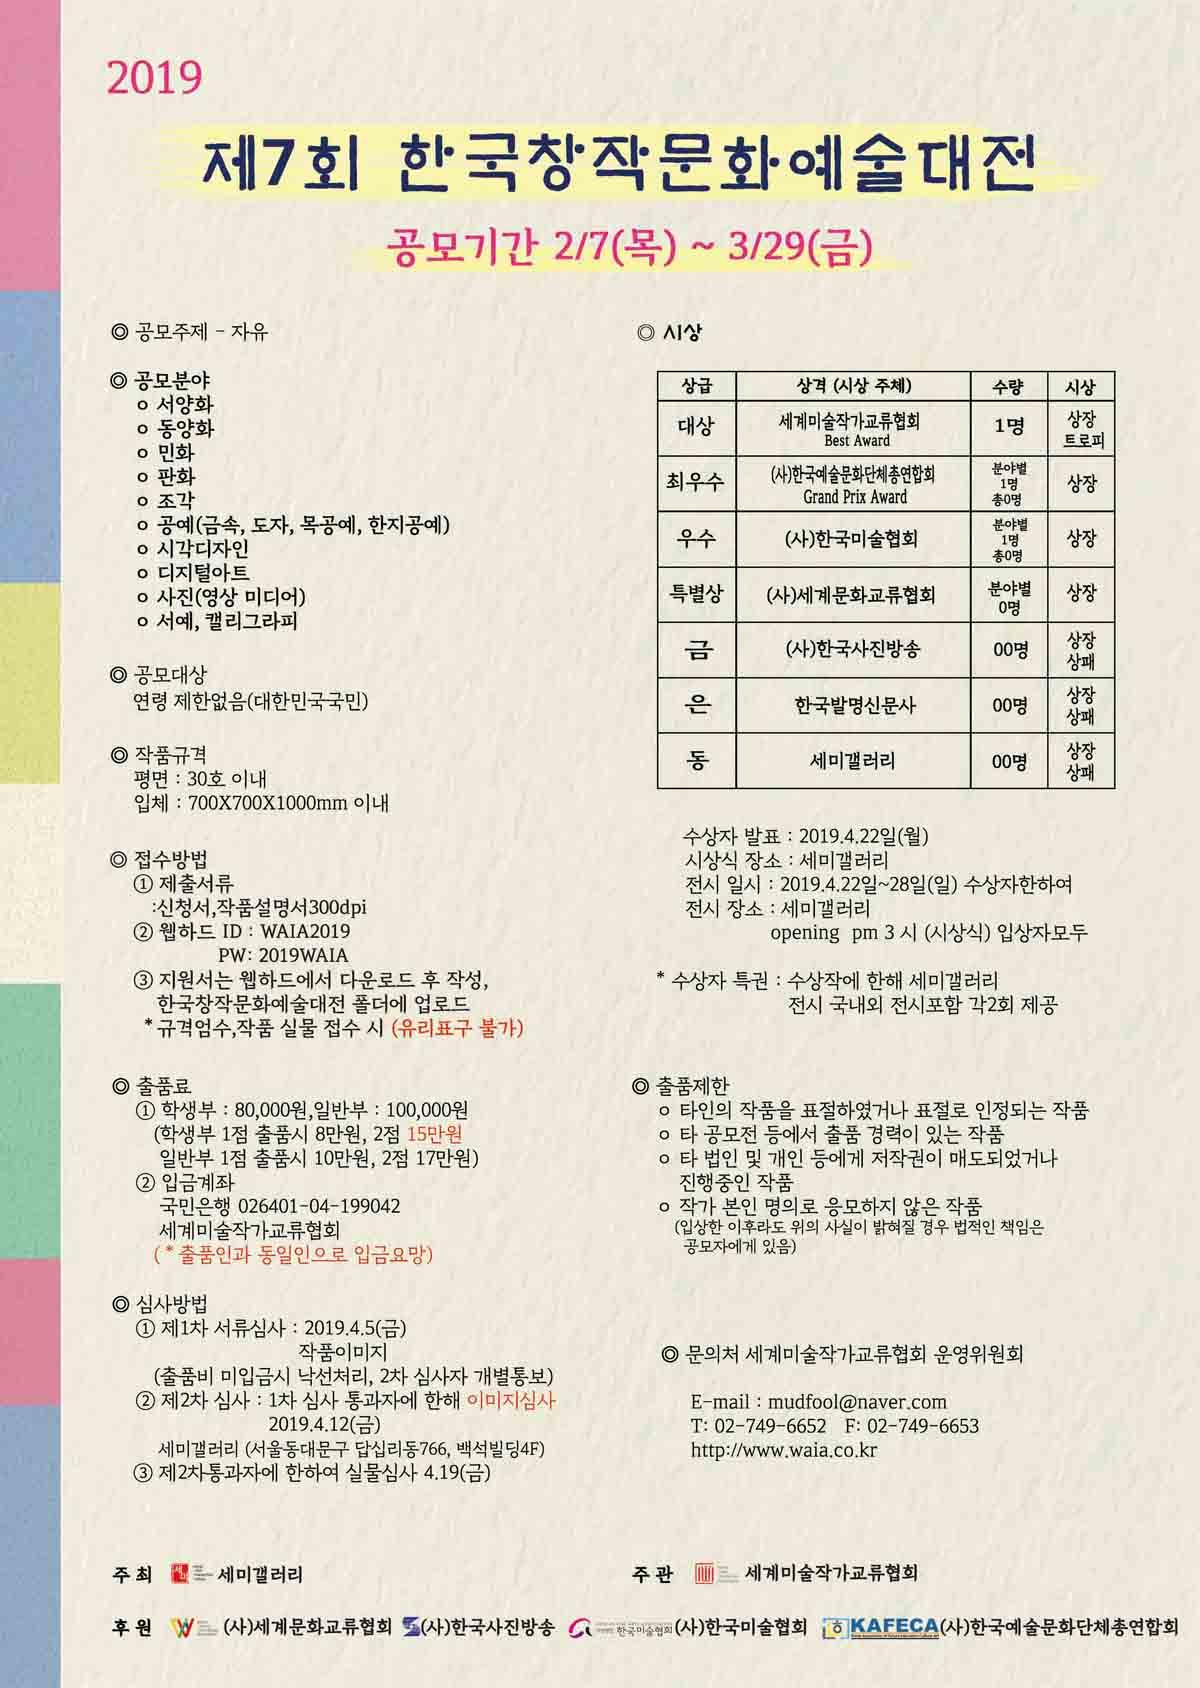 제7회 한국창작문화예술대전